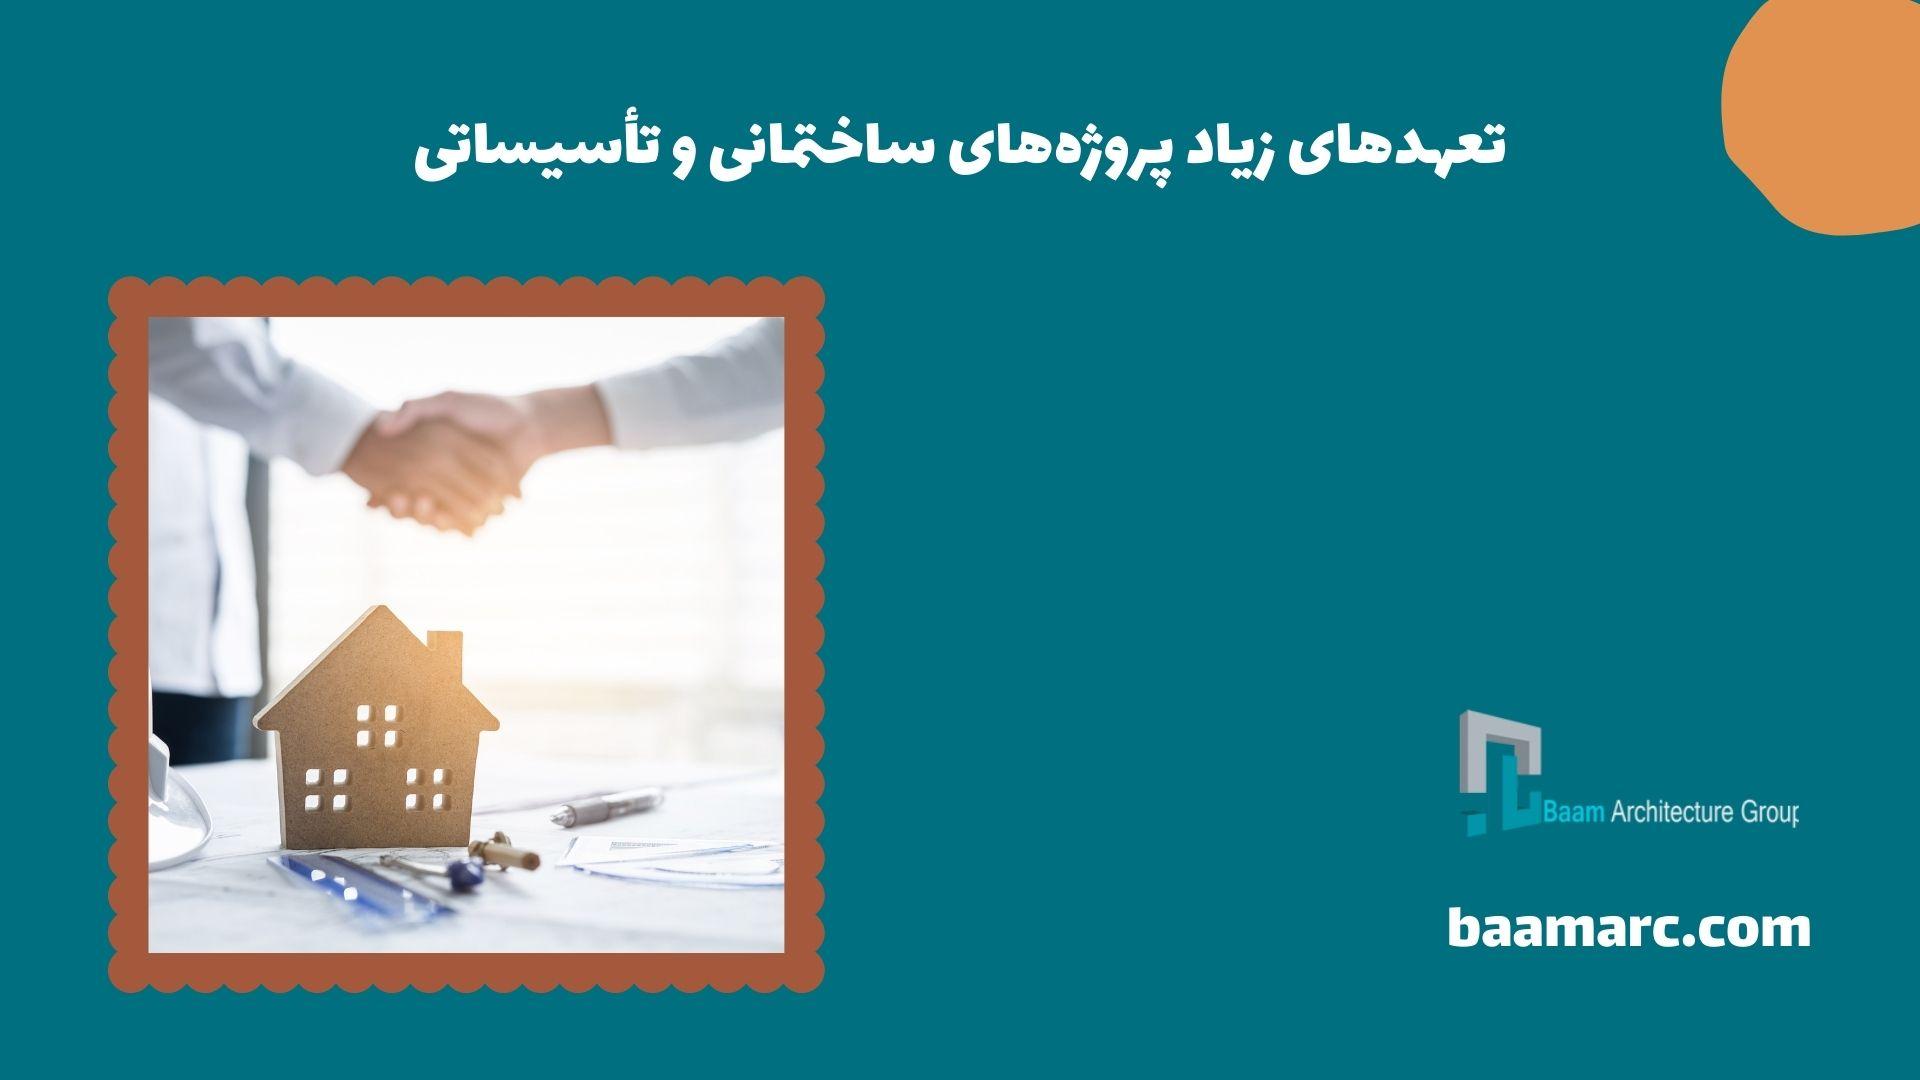 تعهدهای زیاد پروژههای ساختمانی و تأسیساتی